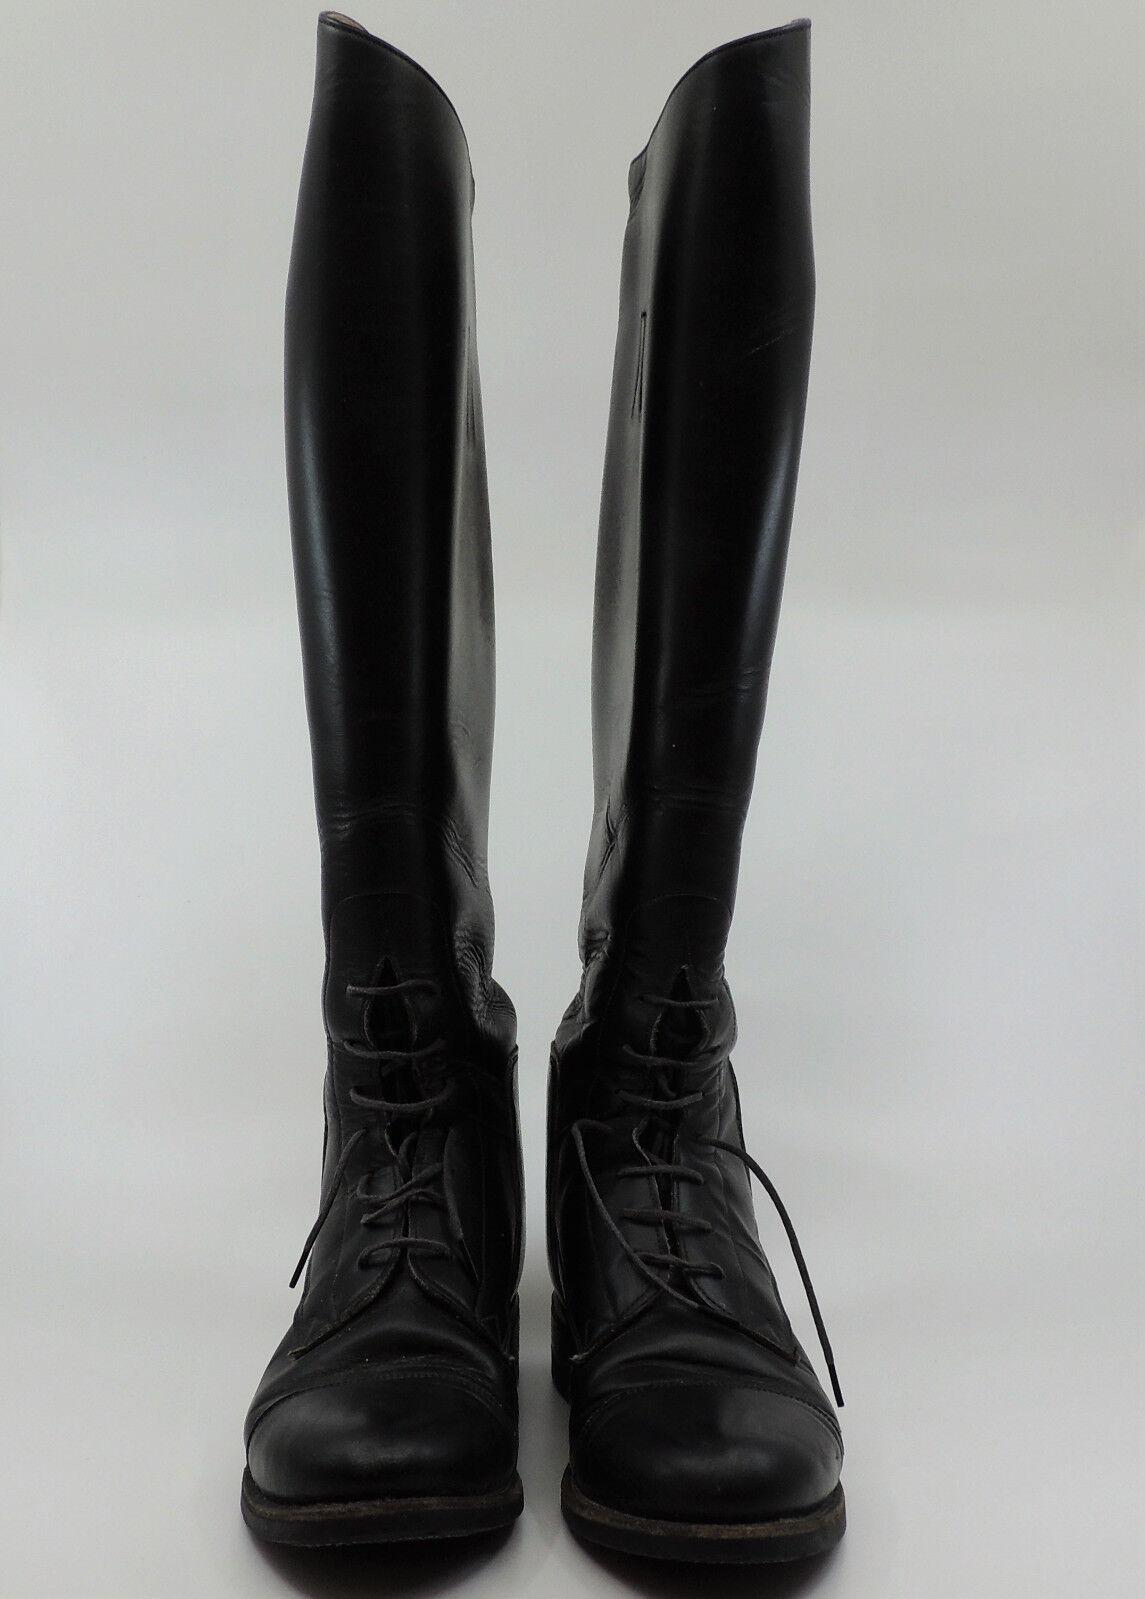 botas de cuero negro de montar a caballo de Effingham para mujer M WC ecuestre 2000L